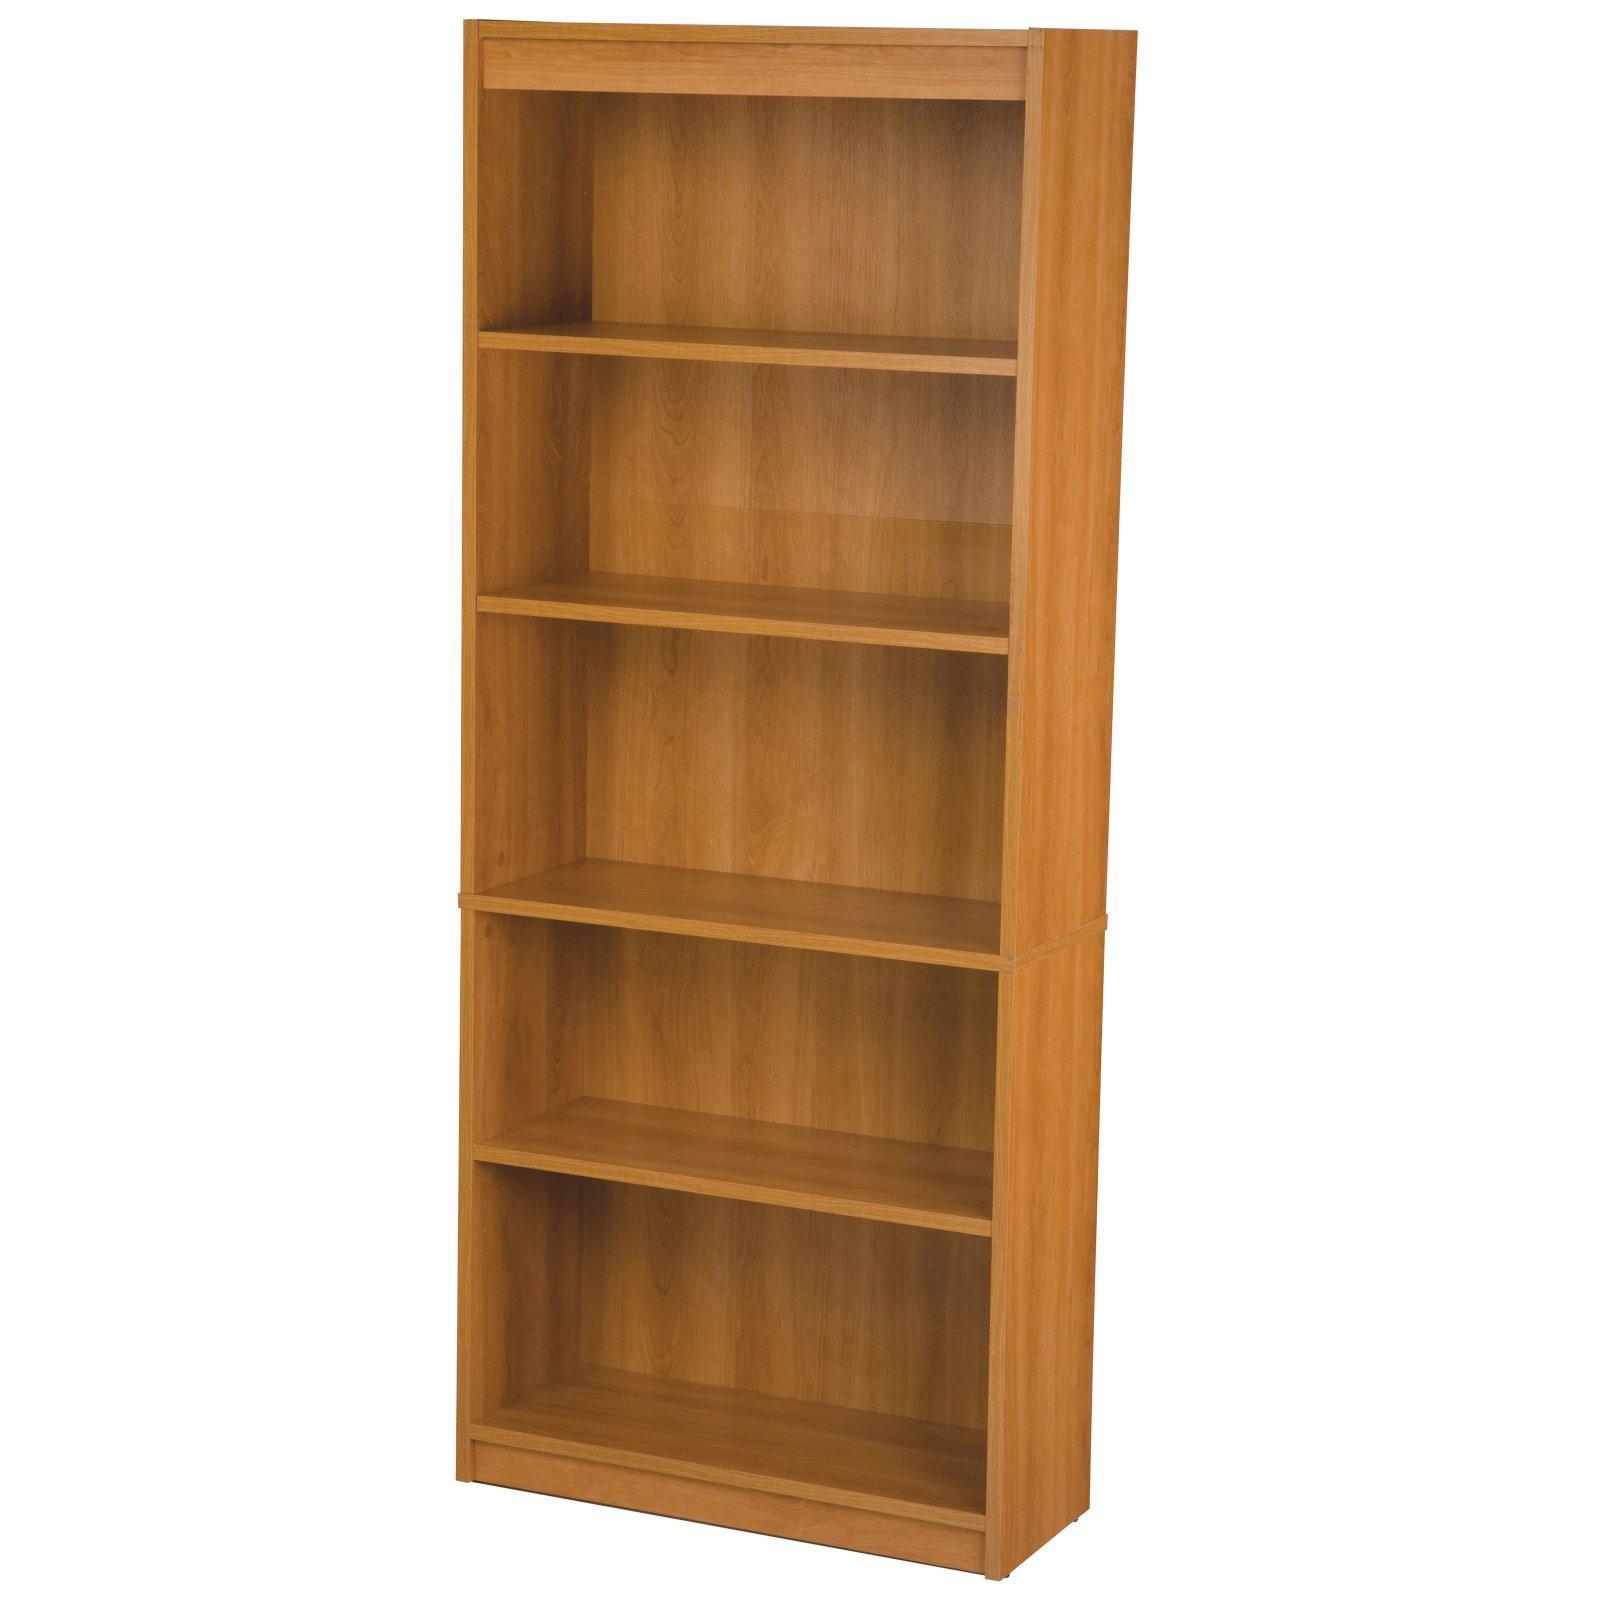 Bestar 5-Shelf Bookcase by Bestar